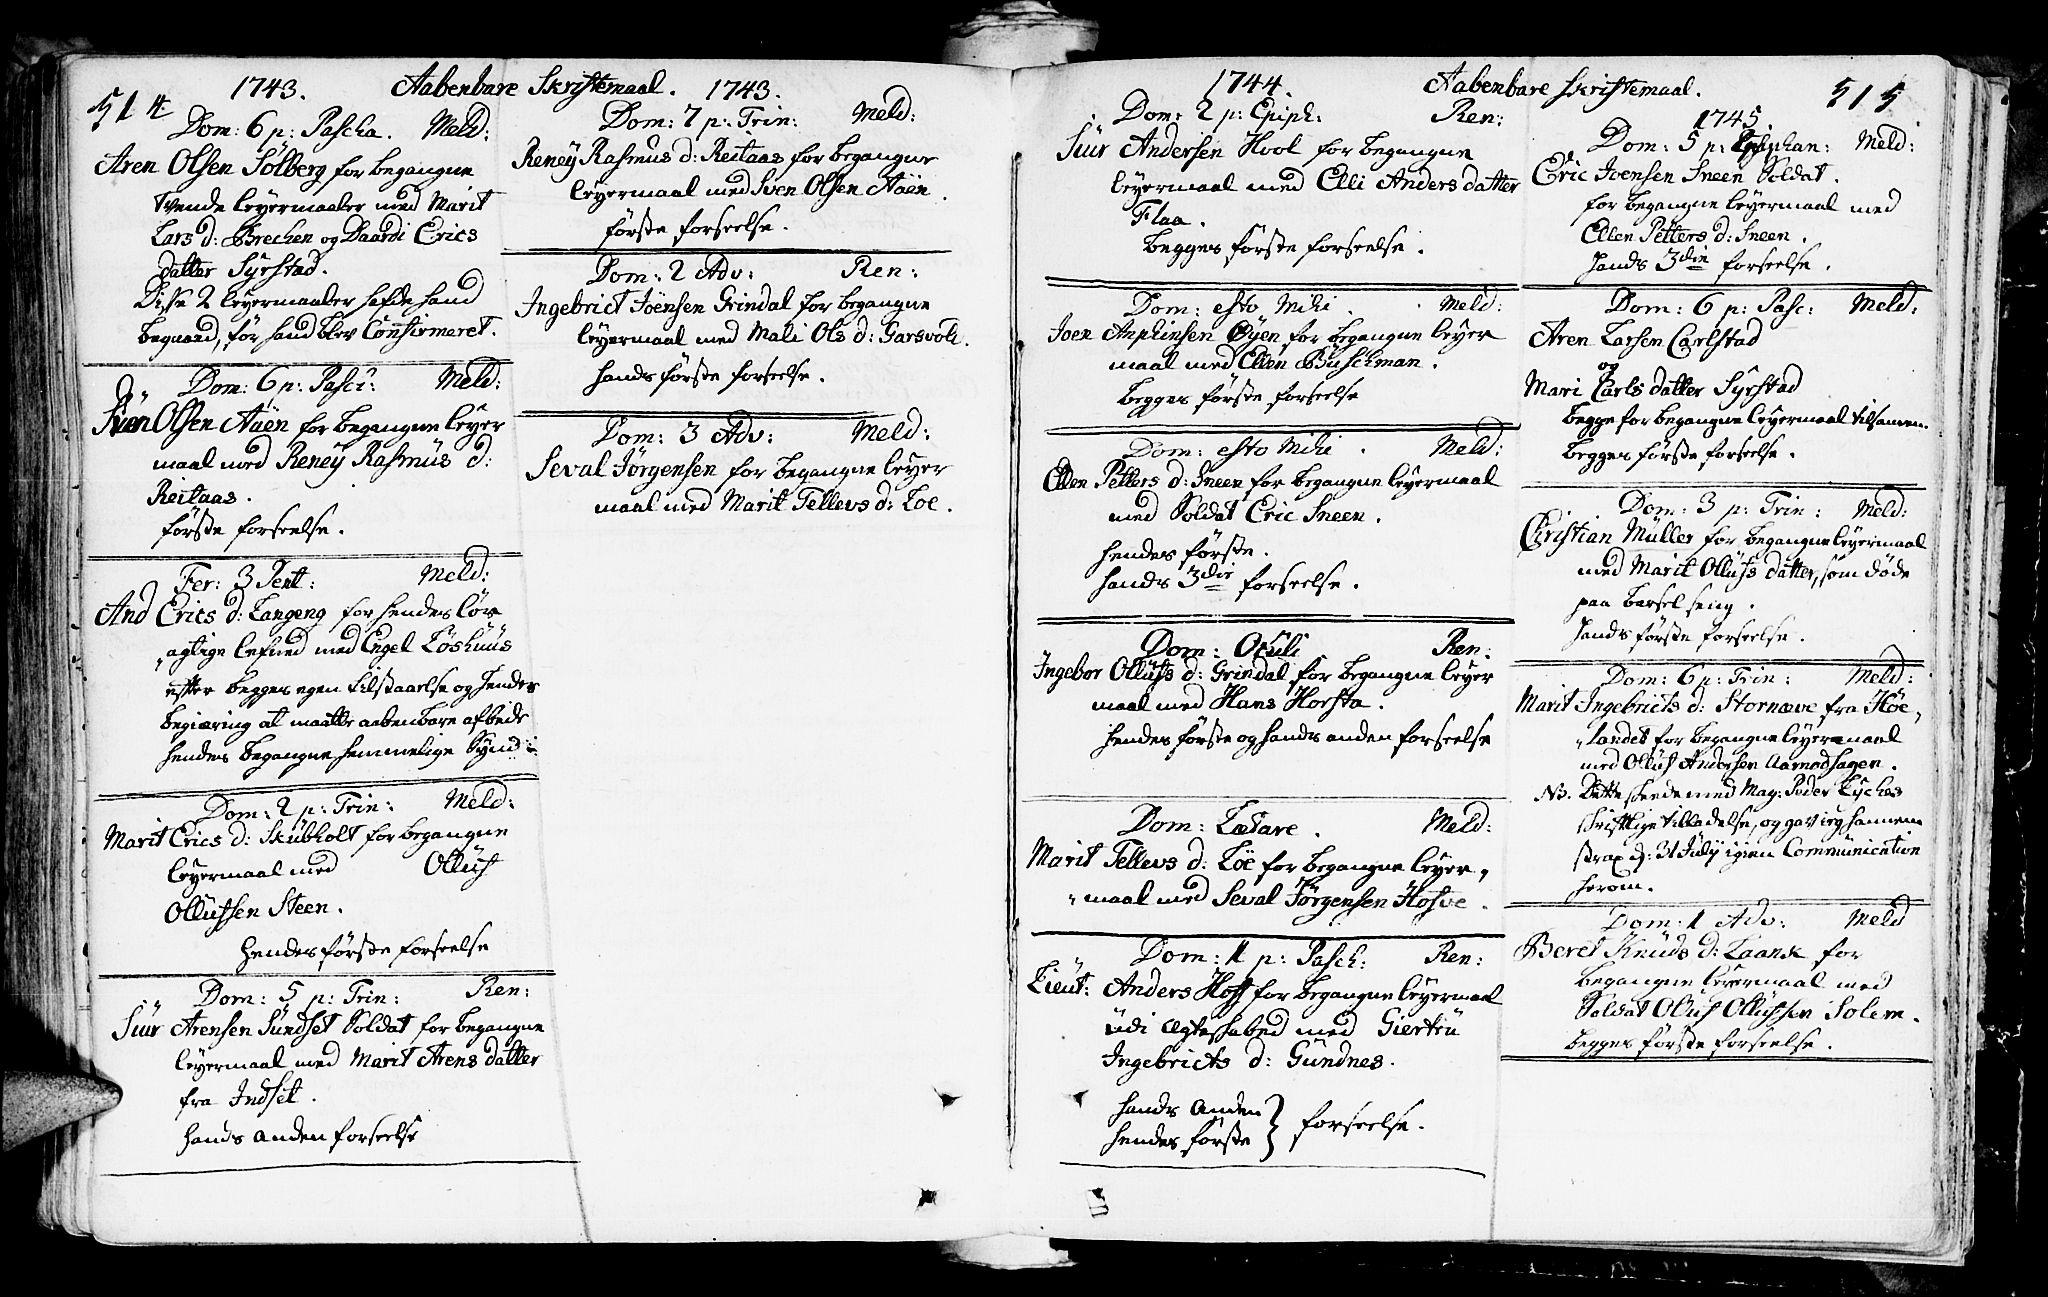 SAT, Ministerialprotokoller, klokkerbøker og fødselsregistre - Sør-Trøndelag, 672/L0850: Ministerialbok nr. 672A03, 1725-1751, s. 514-515